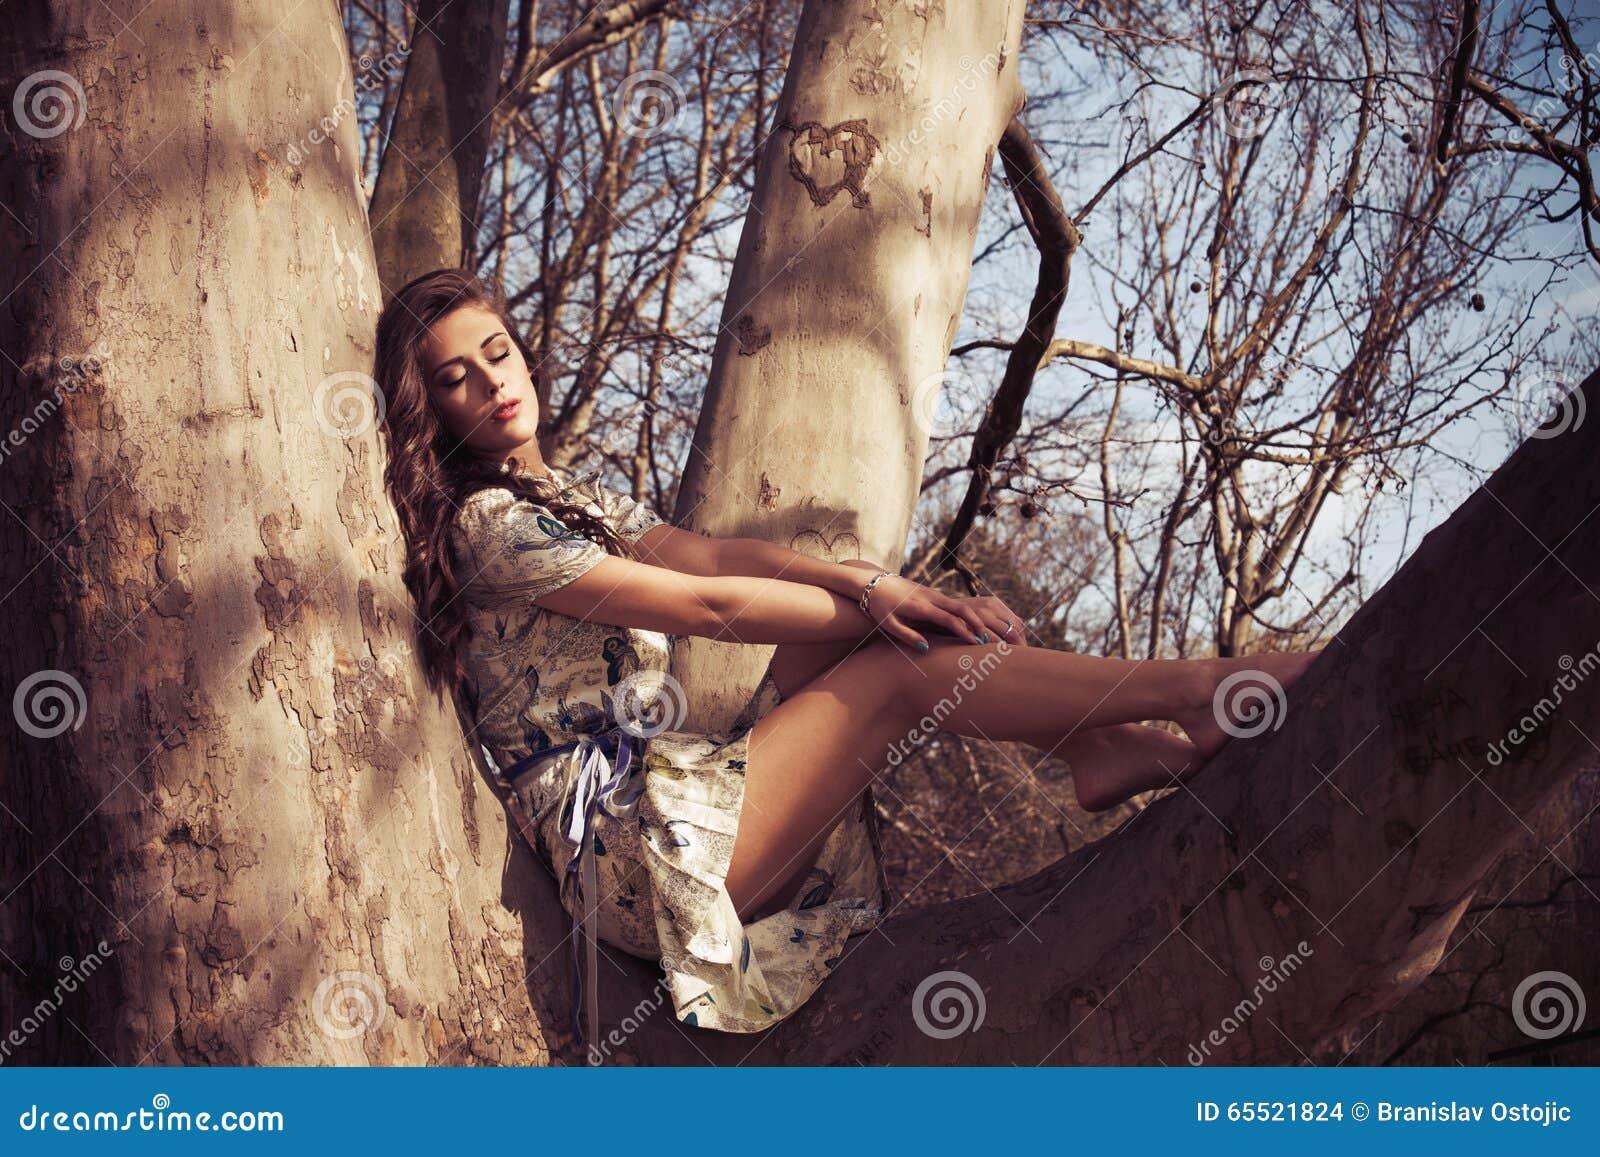 https://thumbs.dreamstime.com/z/ocio-de-la-mujer-del-verano-65521824.jpg